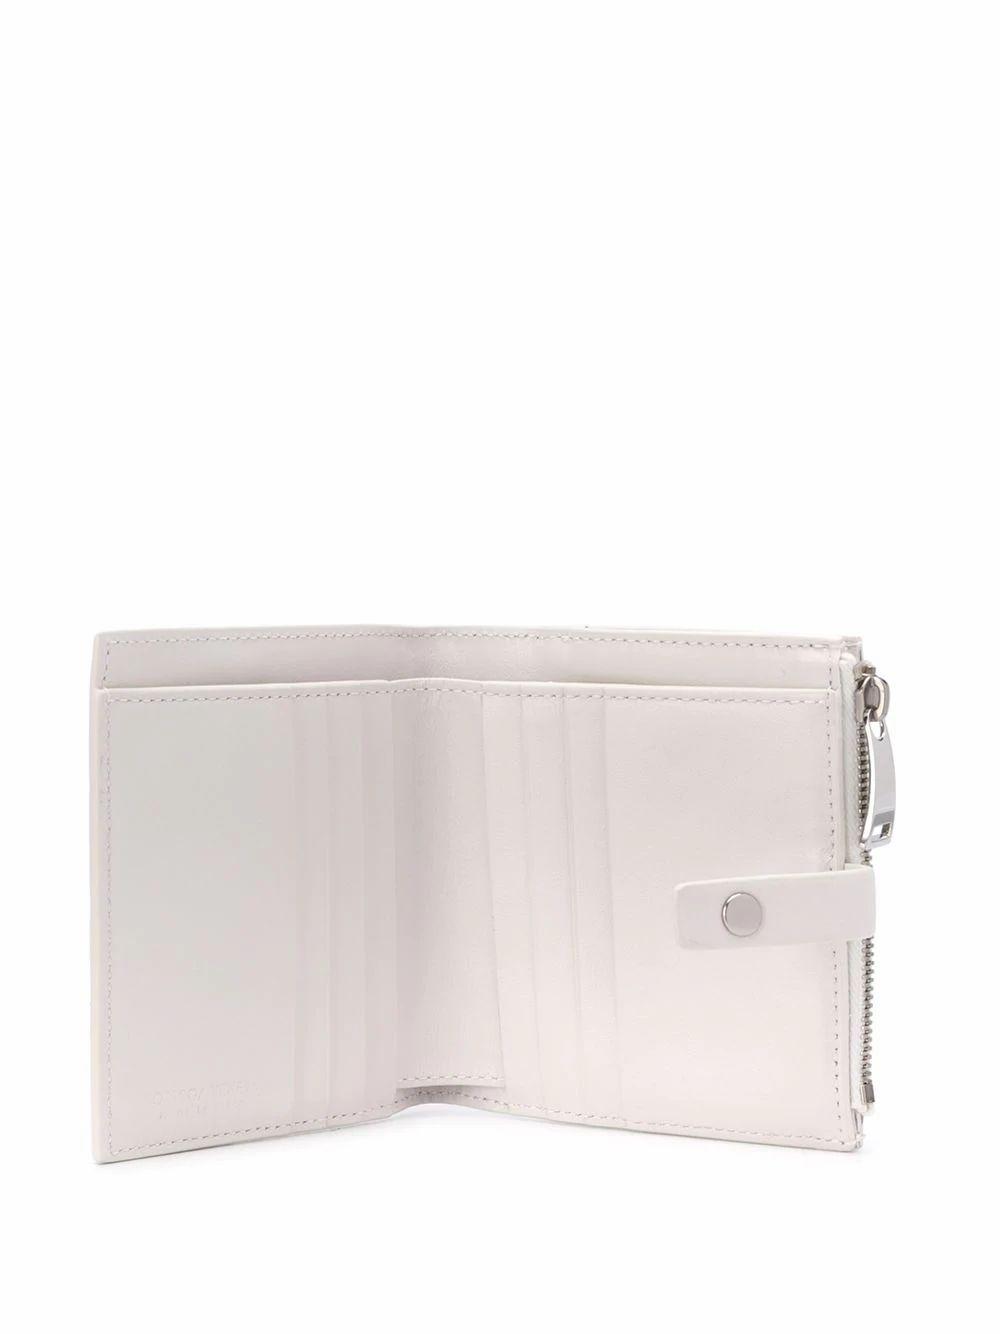 BOTTEGA VENETA WOMEN'S 600270VCPP39005 WHITE LEATHER WALLET